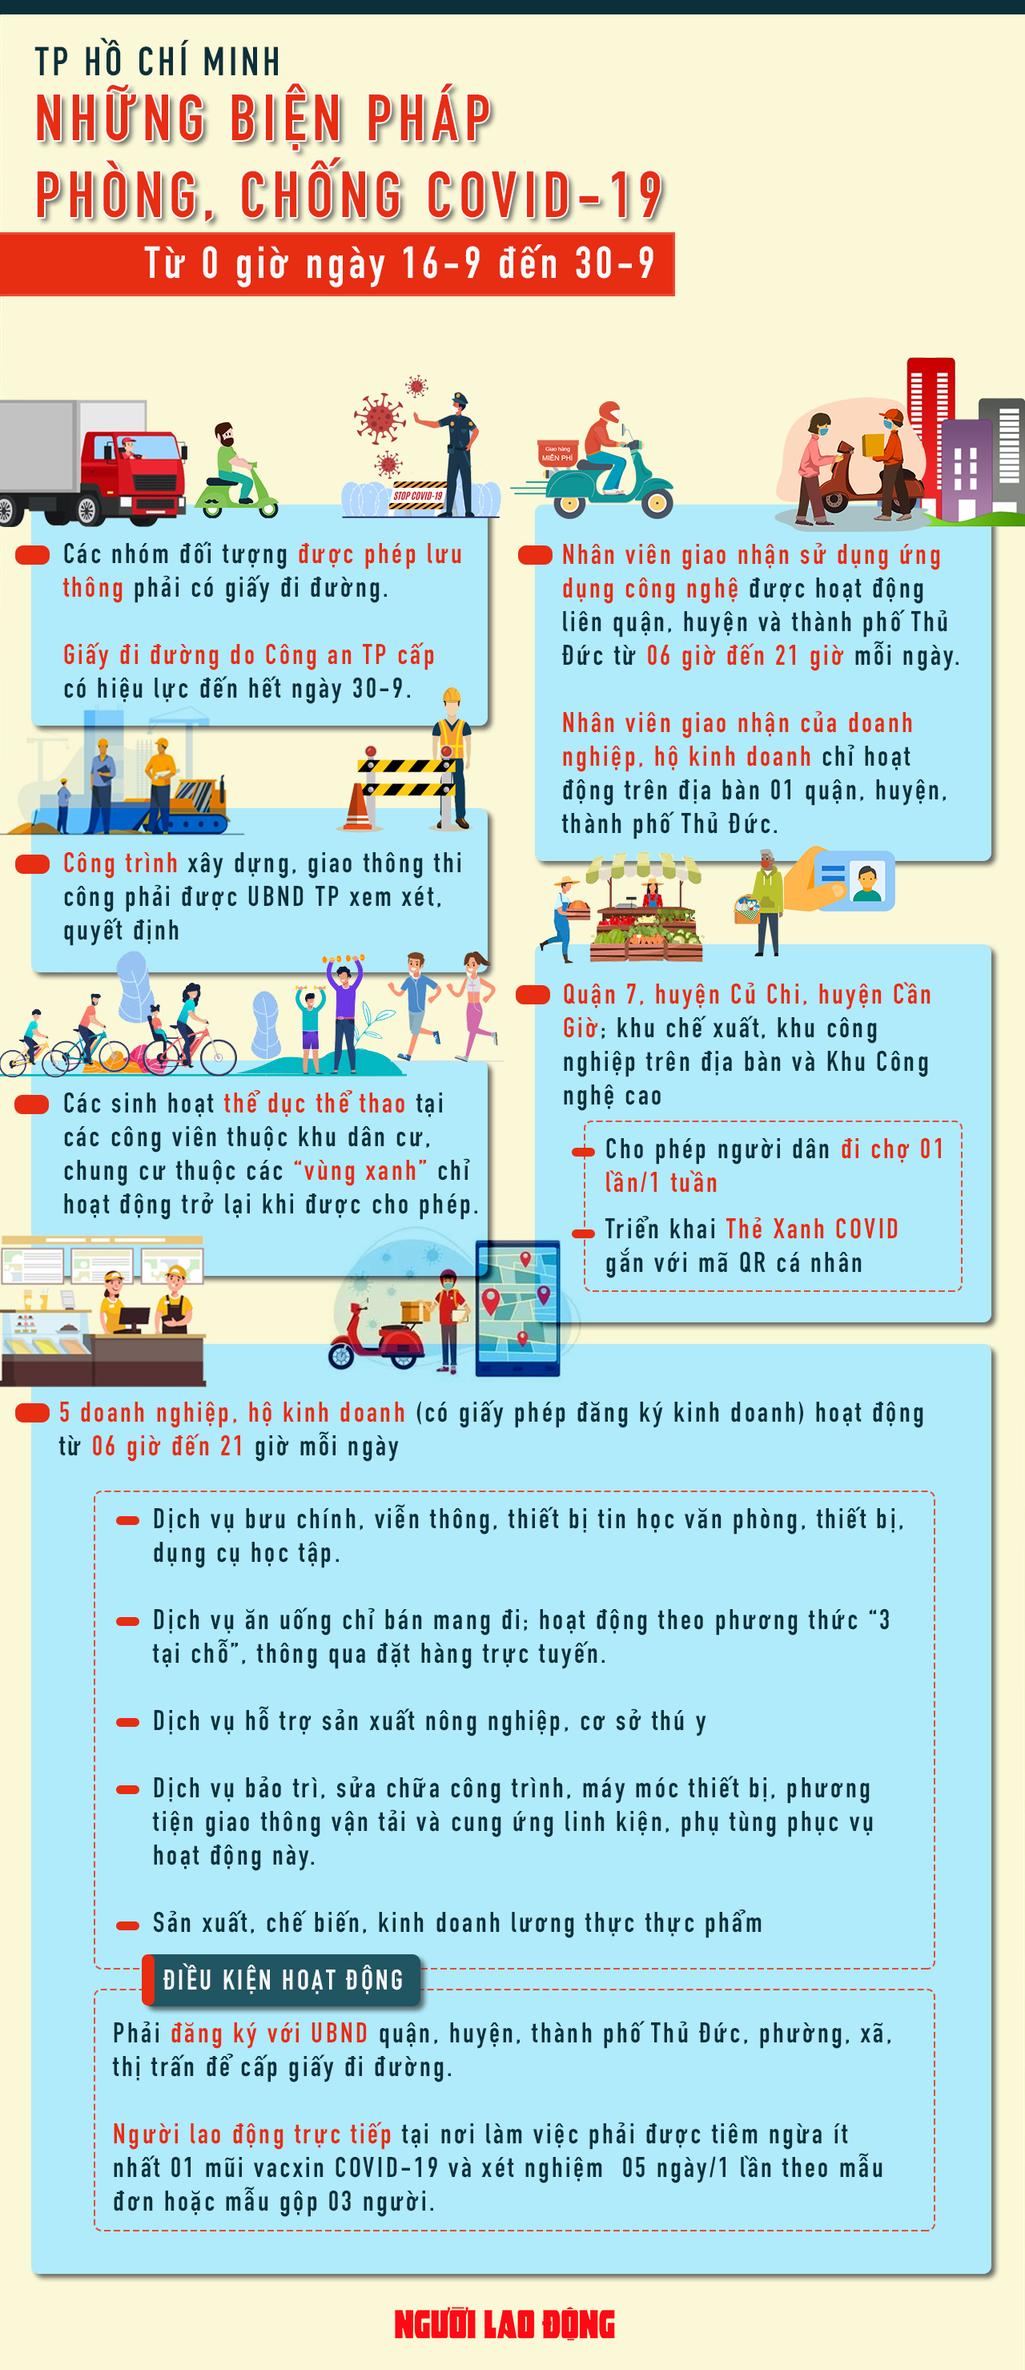 [Infographic] TP HCM: Những điều người dân cần biết sau ngày giãn cách 15-9 - Ảnh 1.